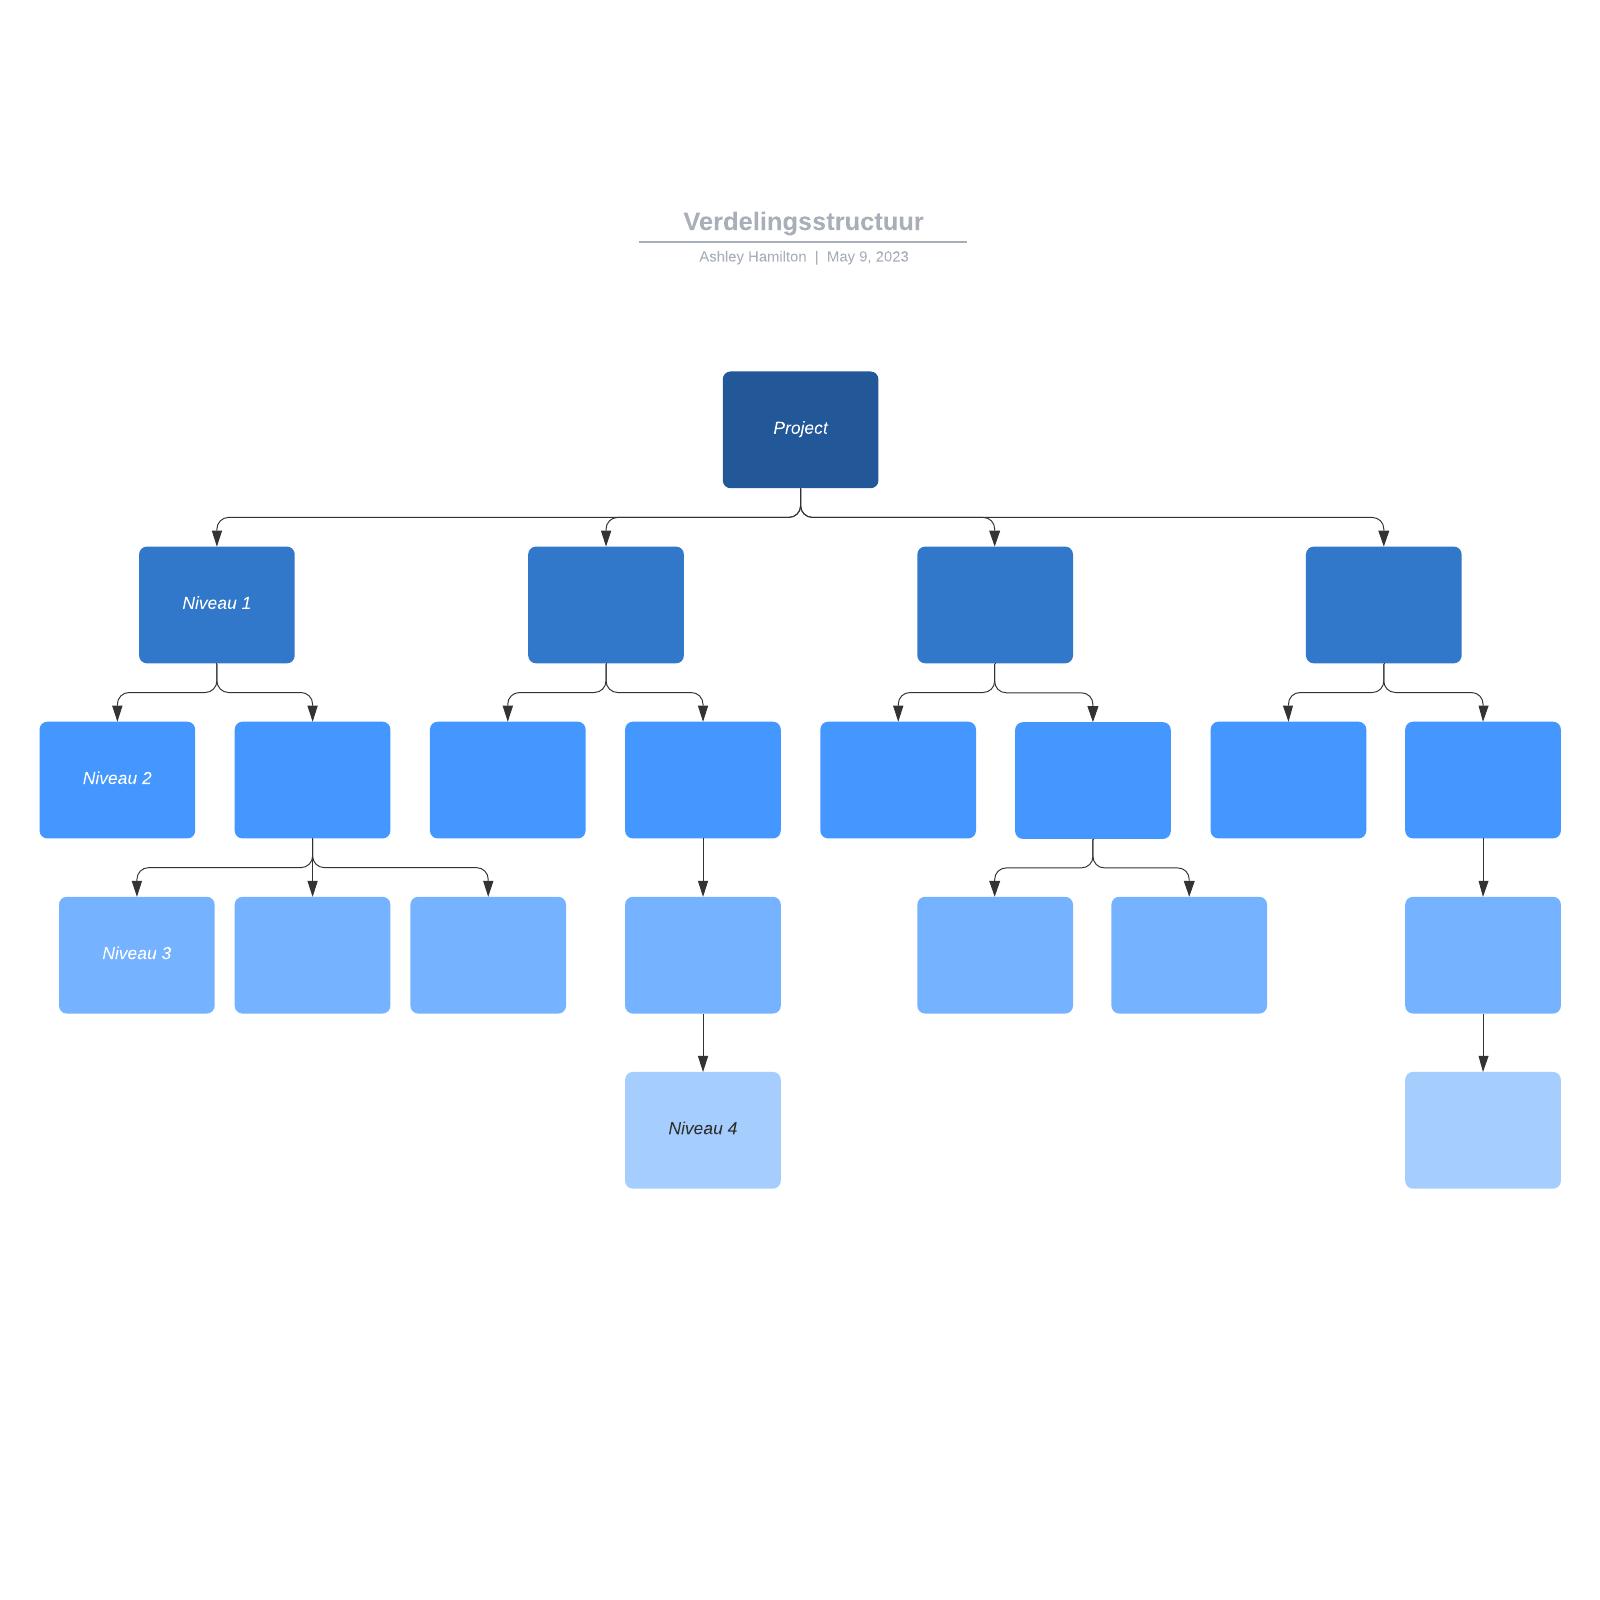 Verdelingsstructuur